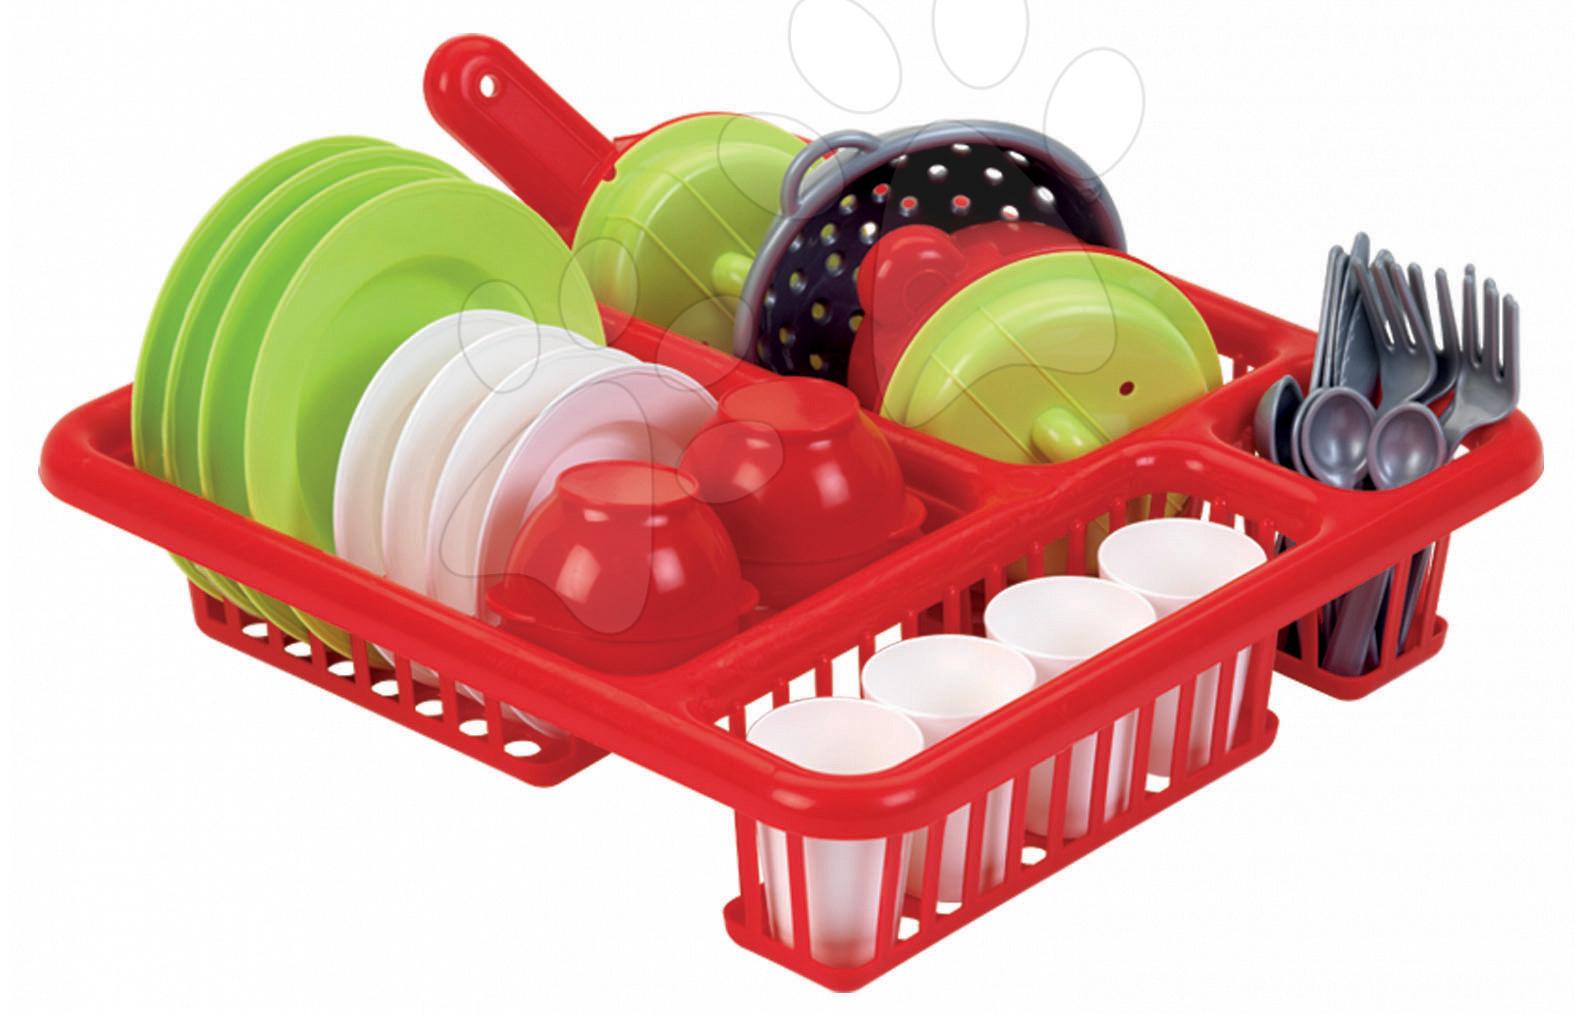 Játékkonyha kiegészítők és edények - Csepegtető tálca edényekre Bubble Cook Écoiffier kiegészítőkkel piros 18 hó-tól